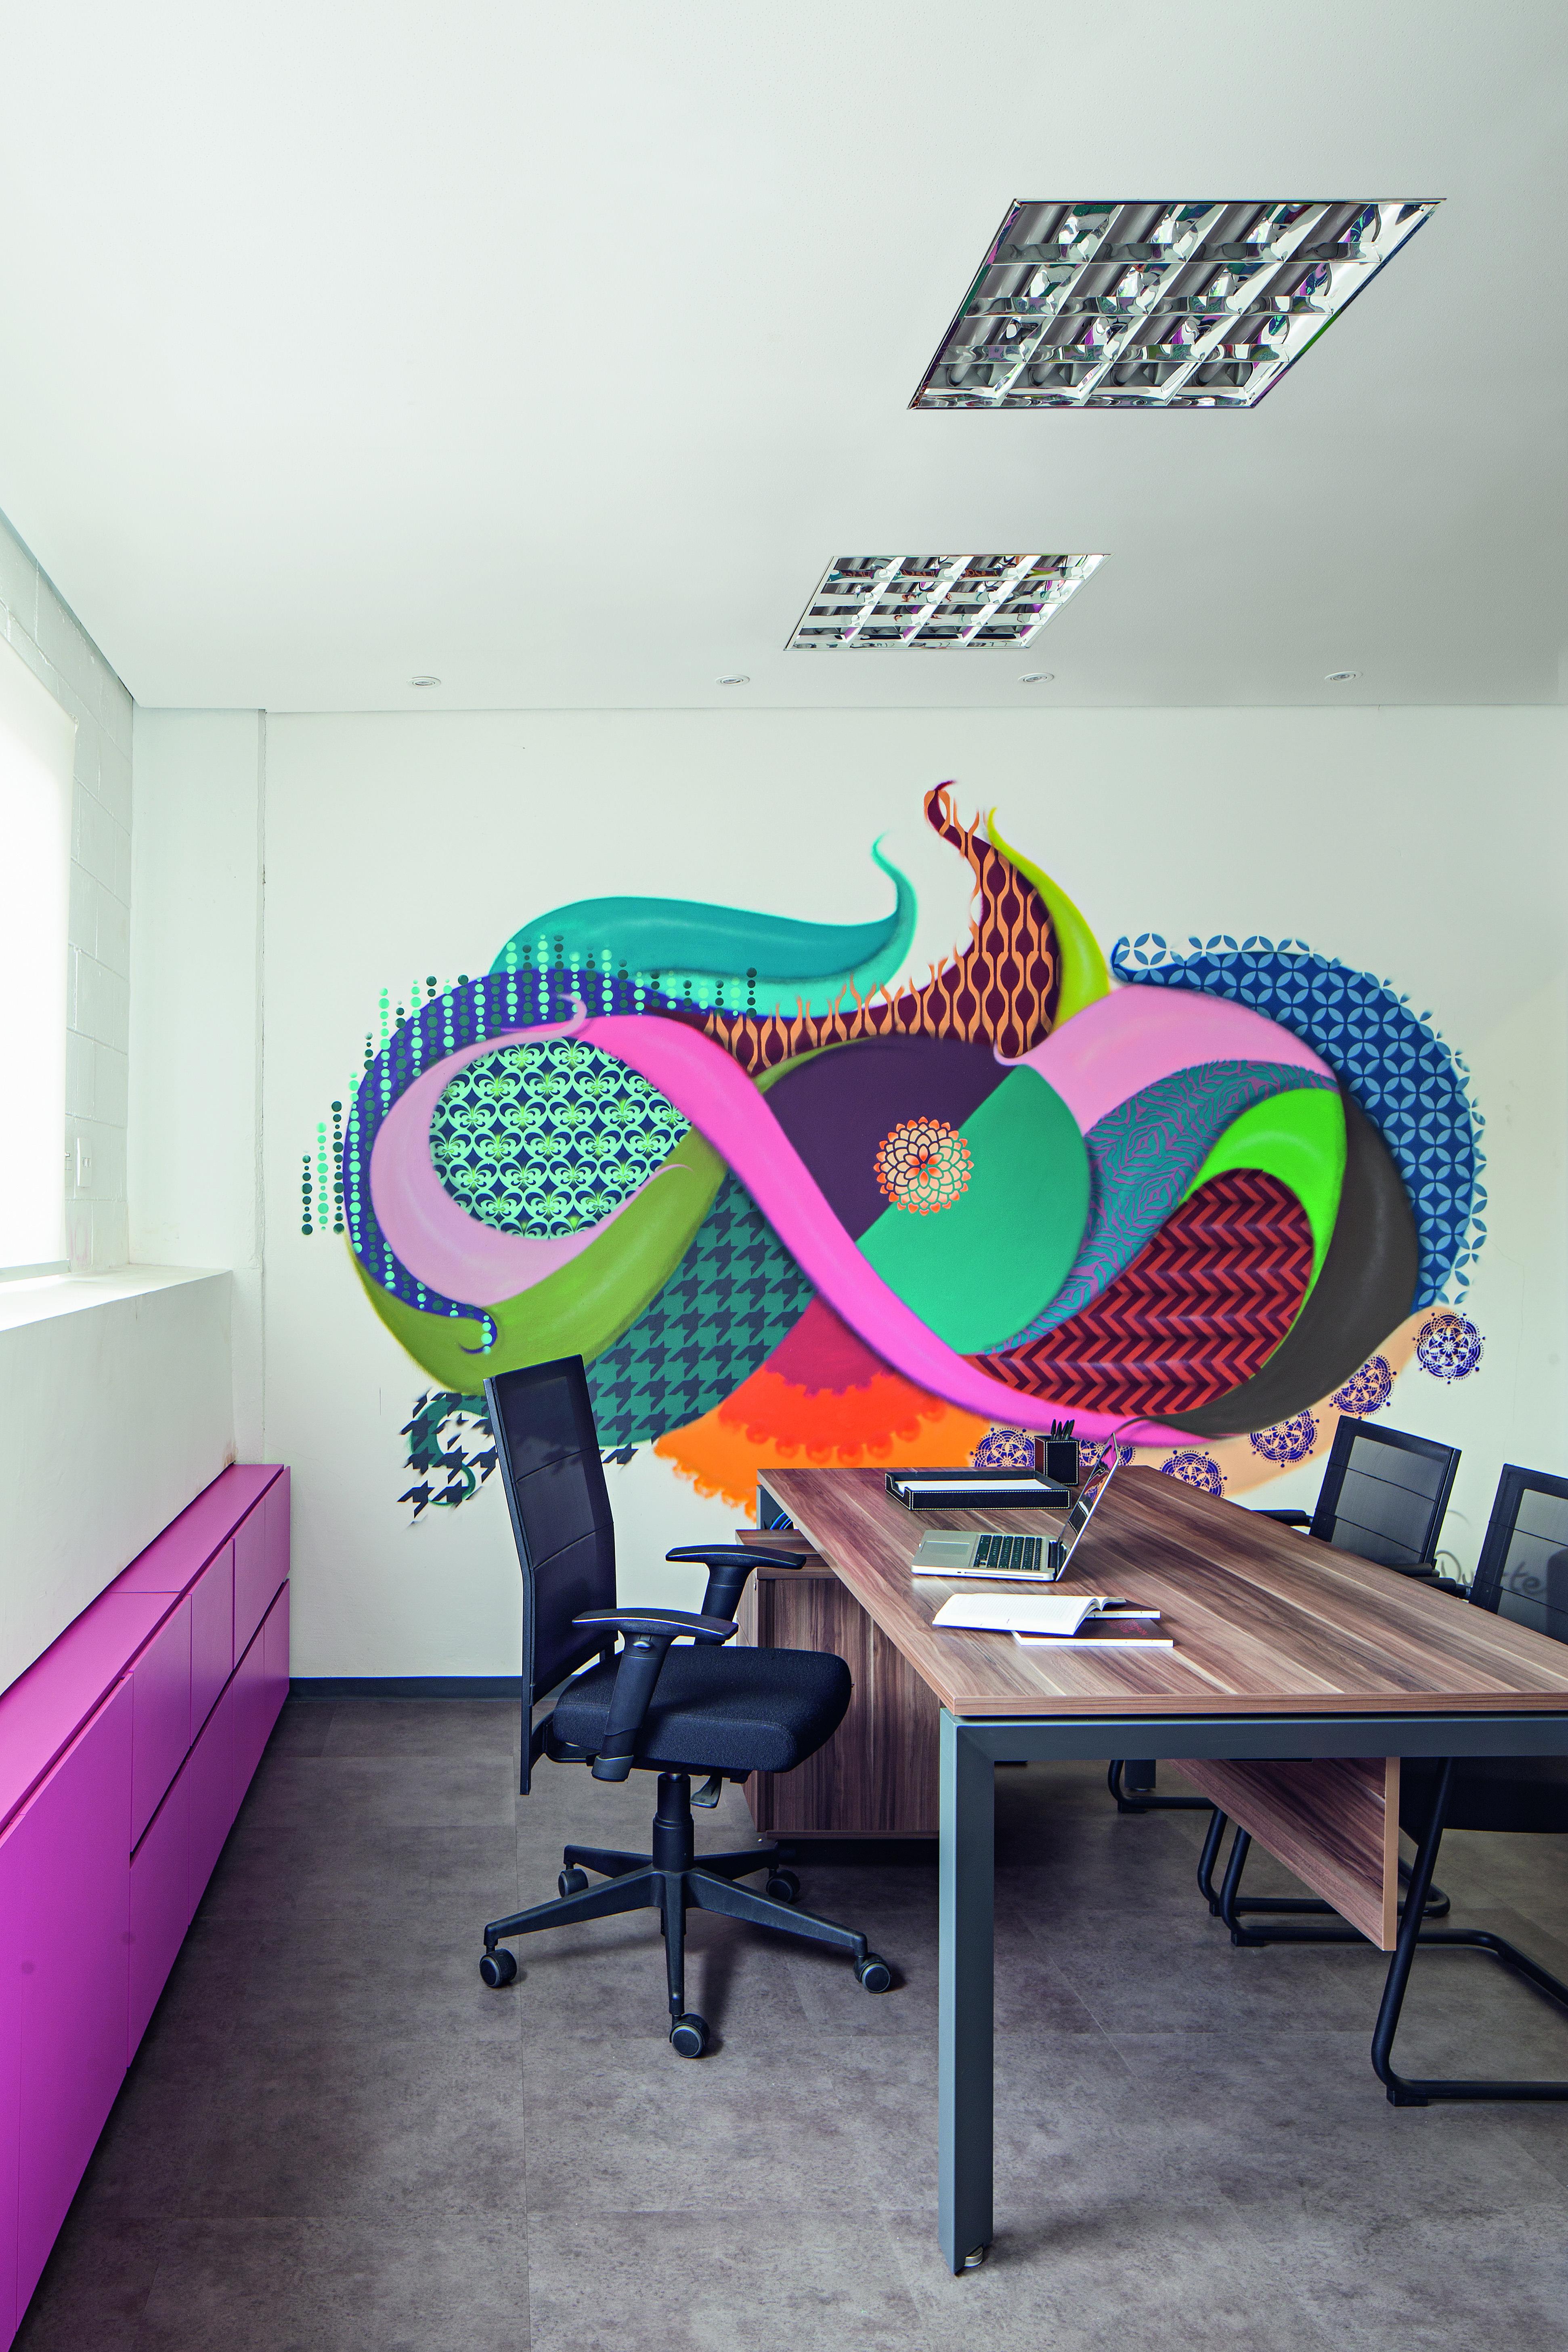 Grafite de Gen Duarte, no escritório da produtora Formata, em projeto dos arquitetos Alessandra Riera e Ana Paula Veirano, da R.A.P. Arquitetura.